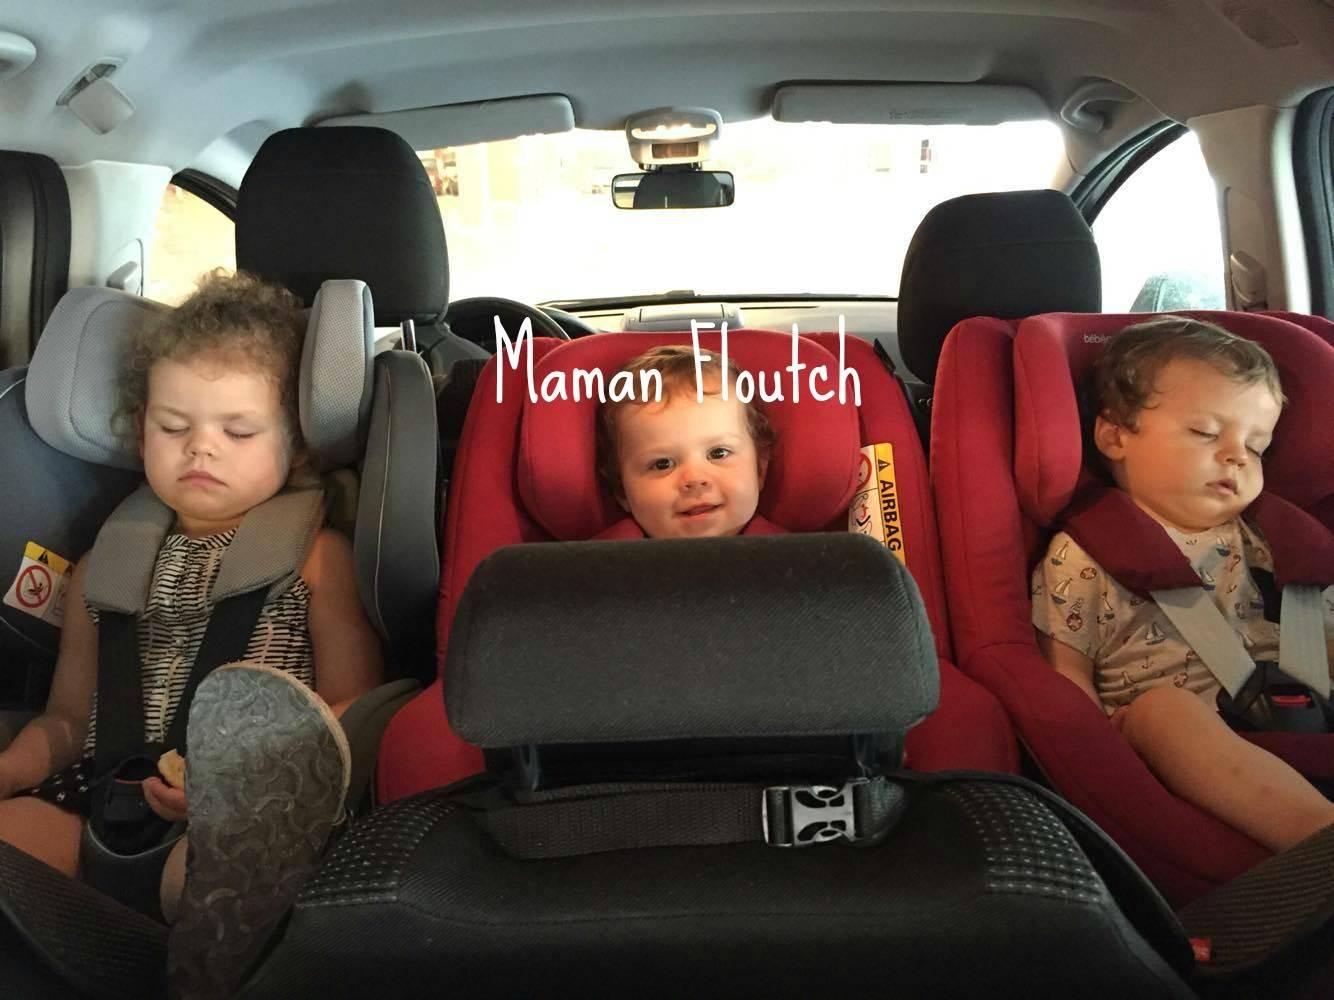 3 sieges dos route 1 voiture maman floutch blog pour. Black Bedroom Furniture Sets. Home Design Ideas